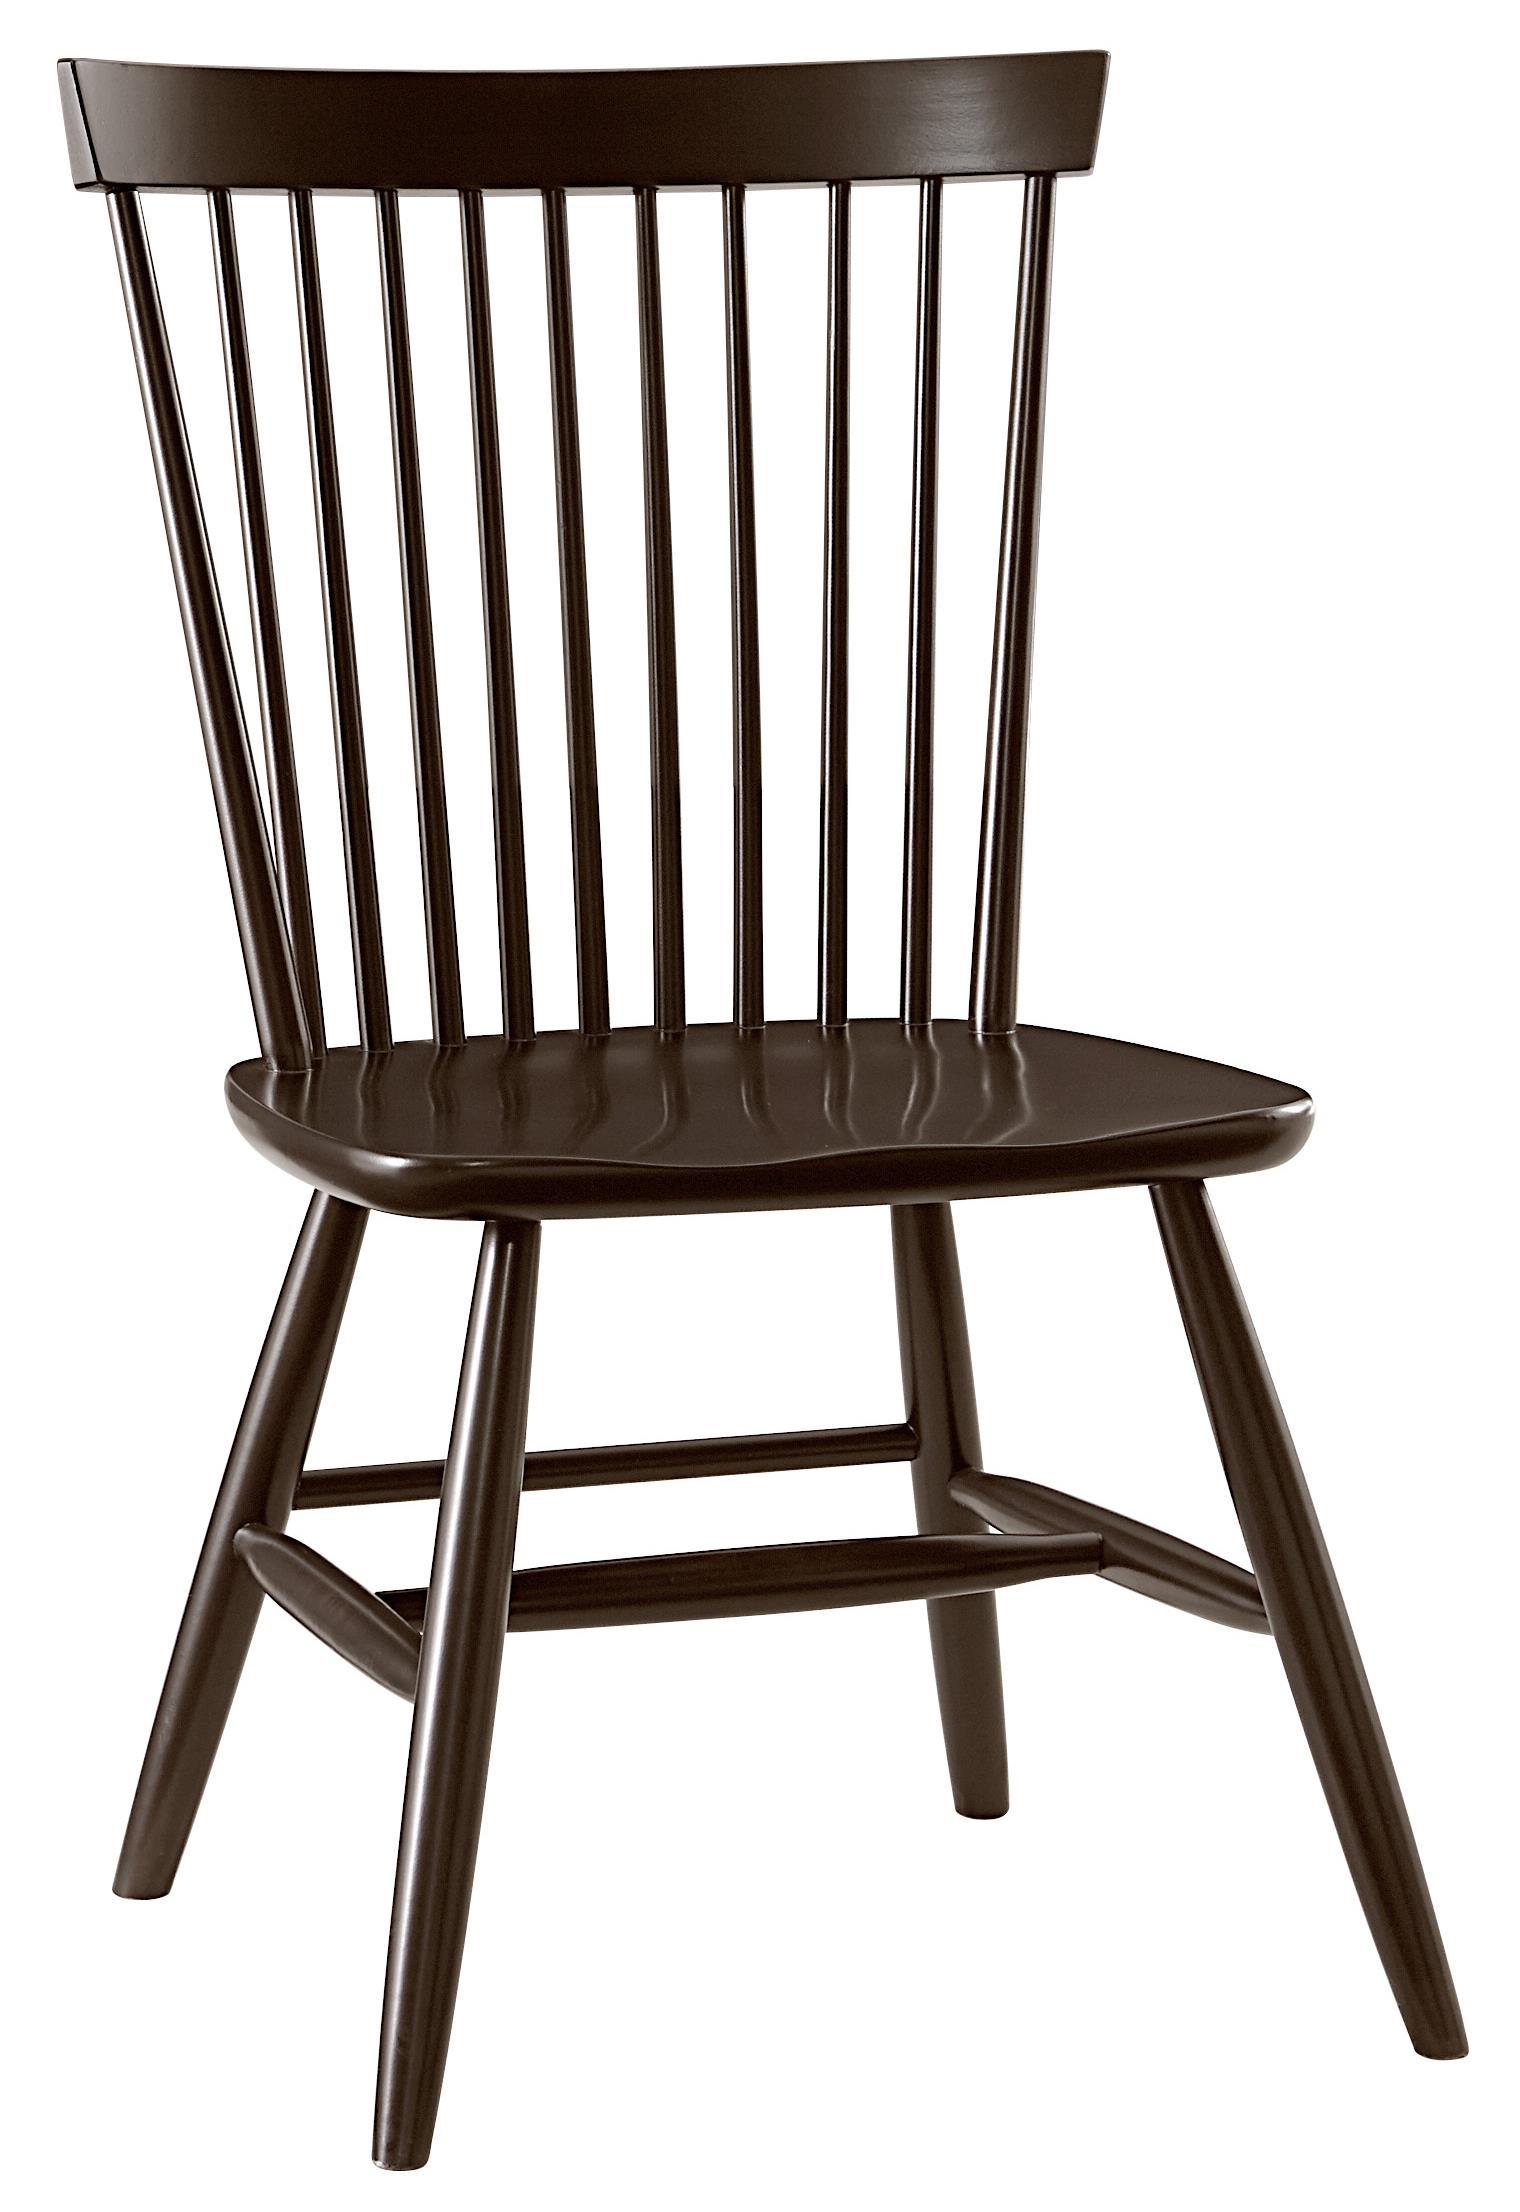 French Market Desk Chair by Vaughan Bassett at Lapeer Furniture & Mattress Center